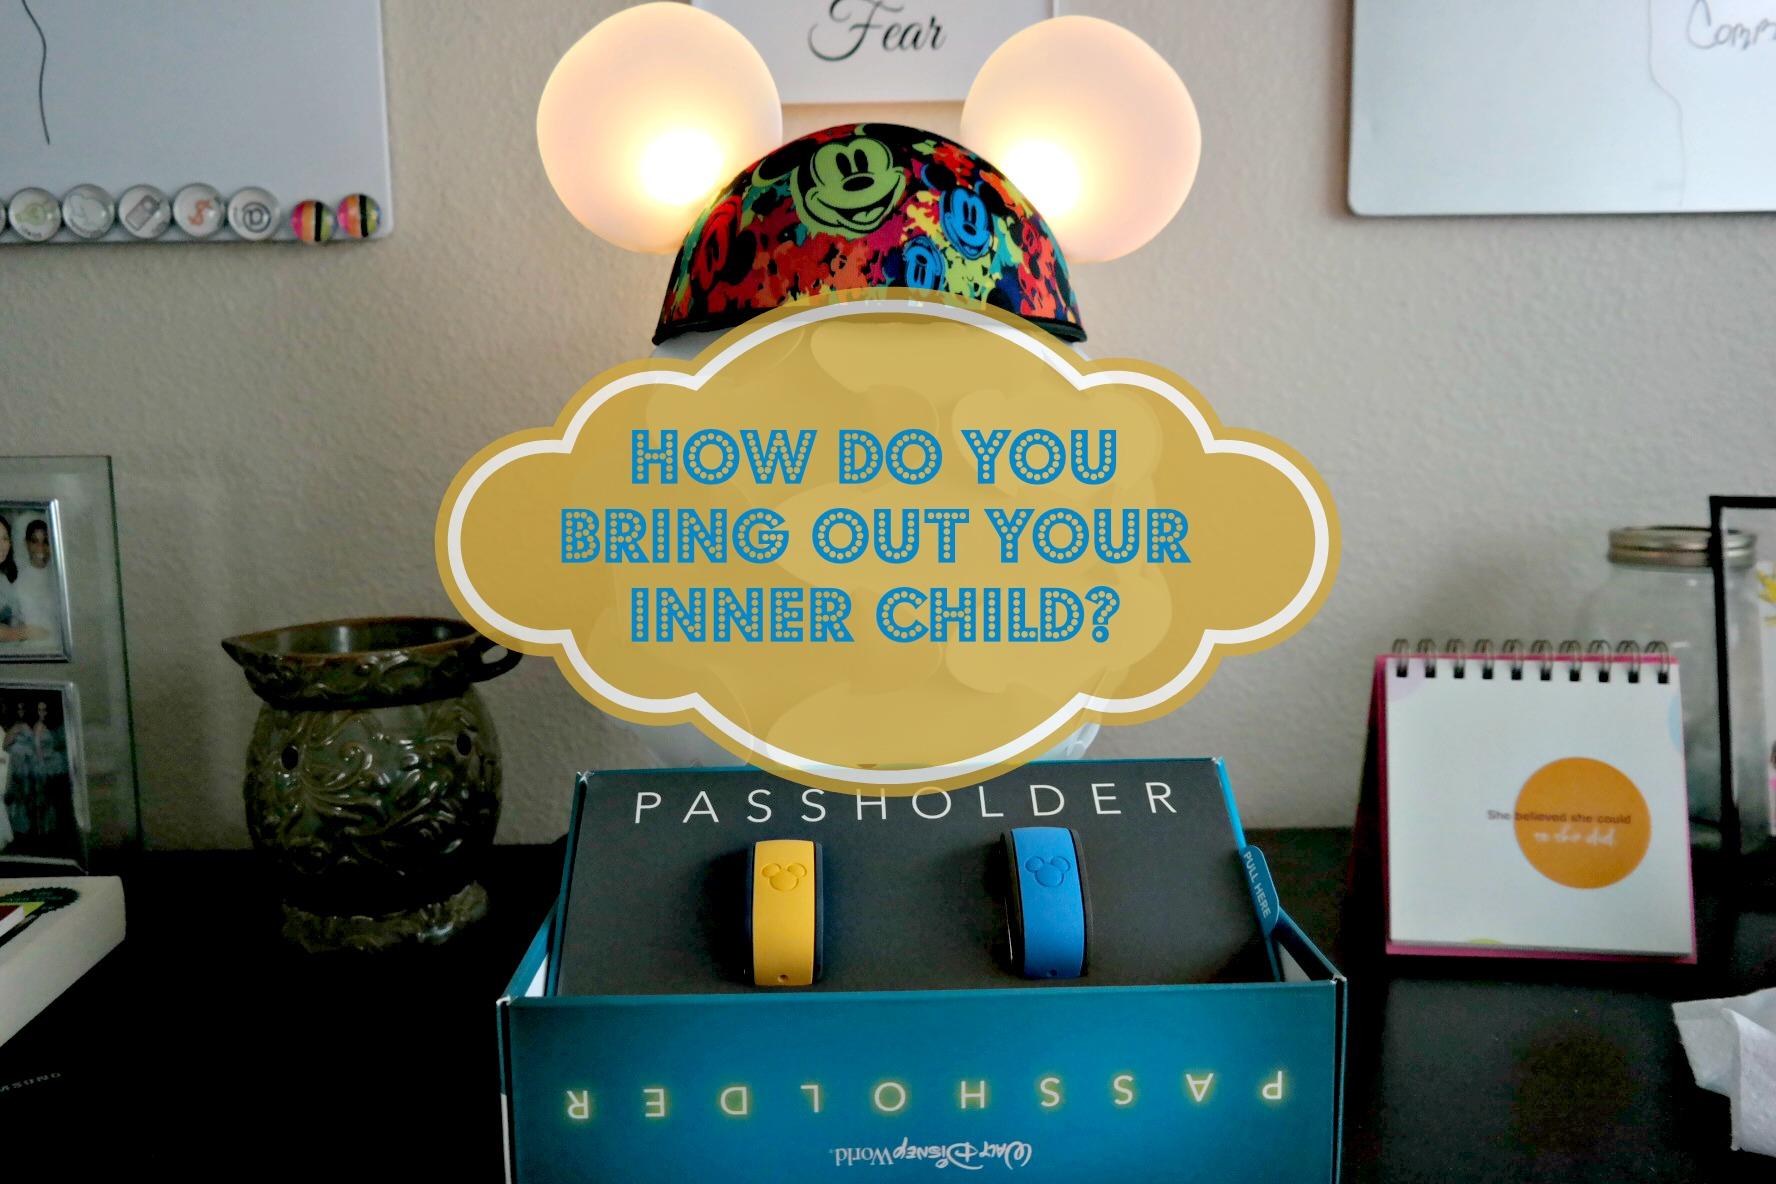 Disney_Passholder.jpg